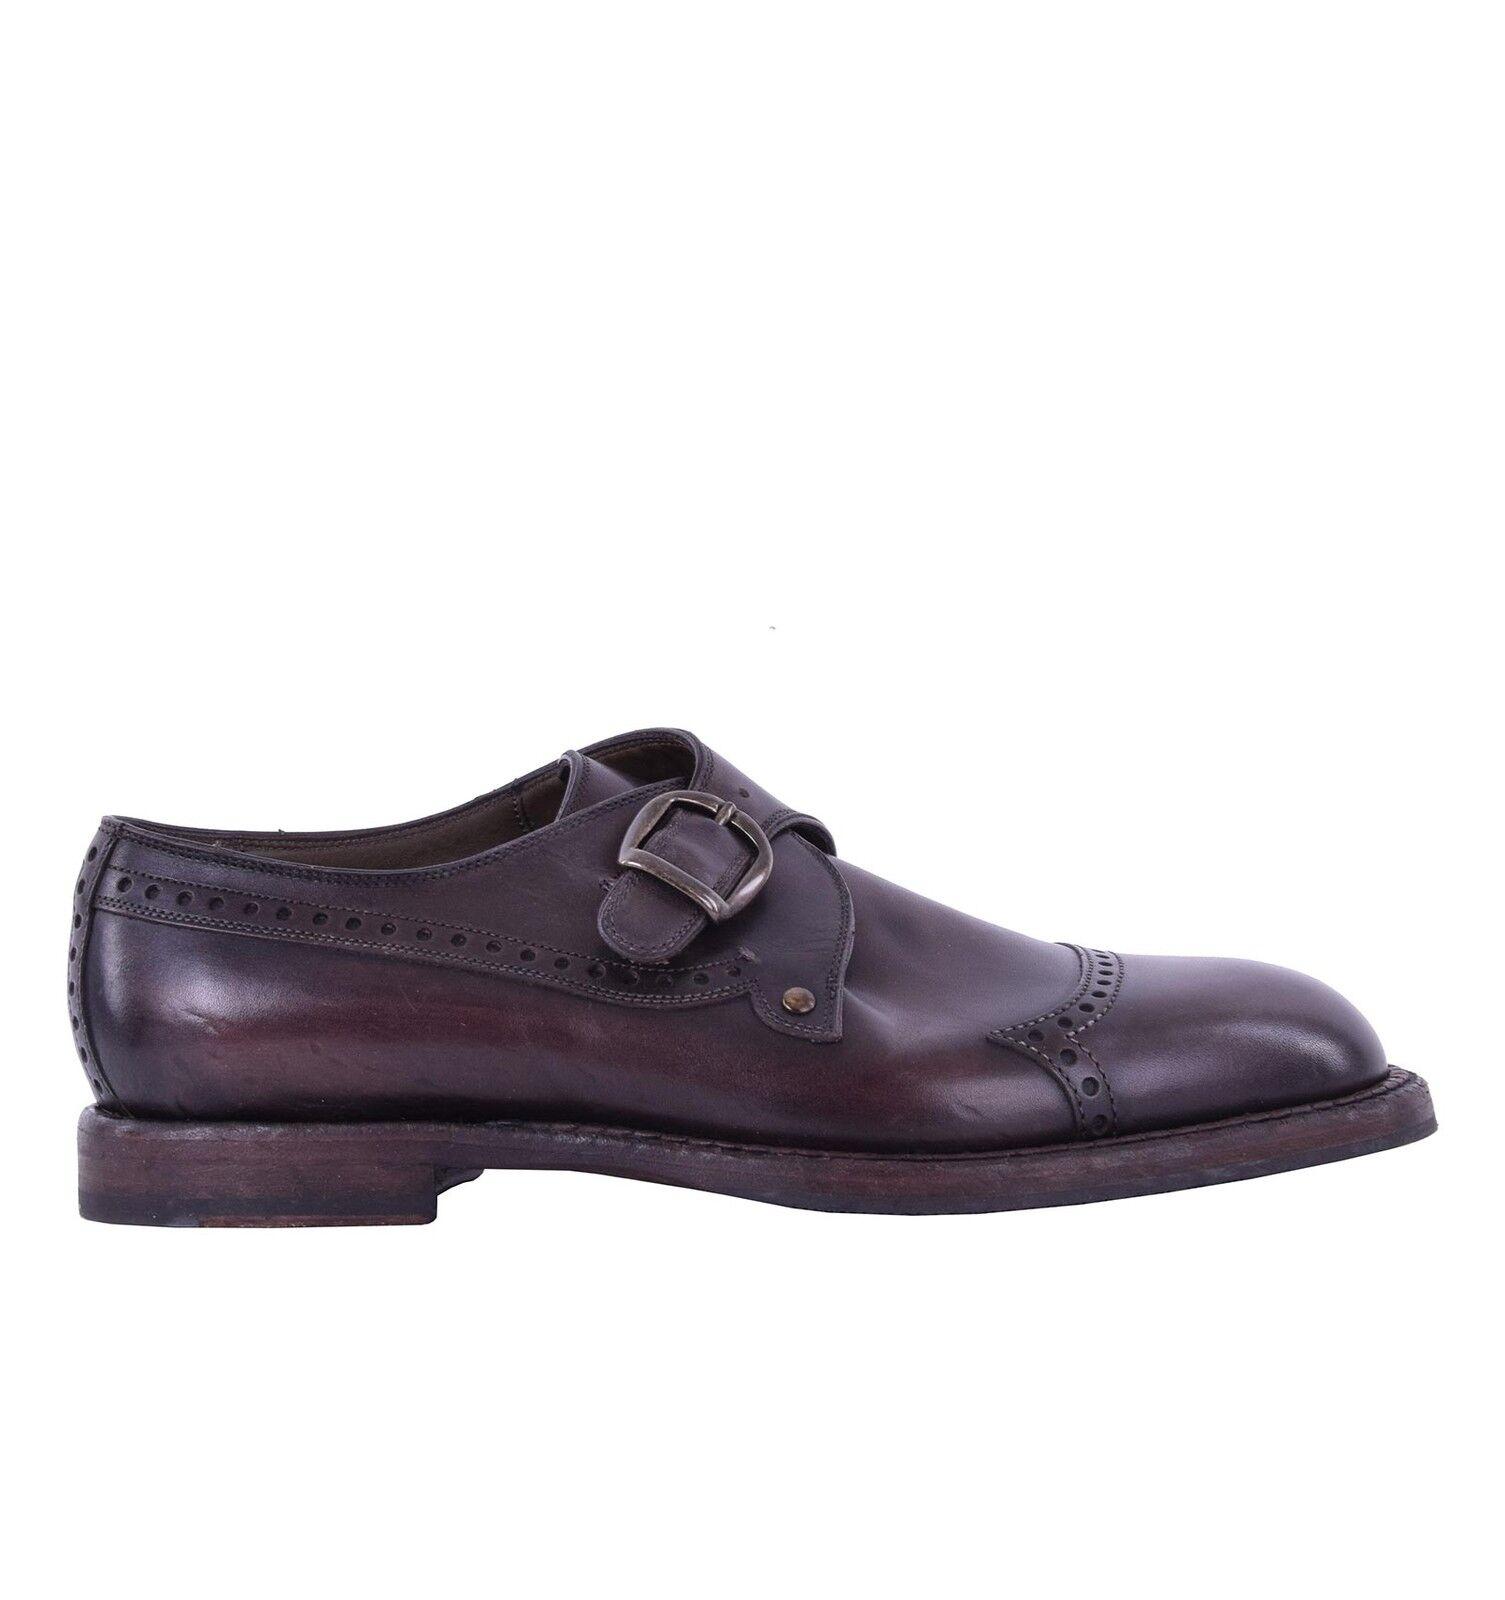 DOLCE & GABBANA Zweifarbige Derby Schuhe MARSALA mit Schnalle Braun Shoes 05085